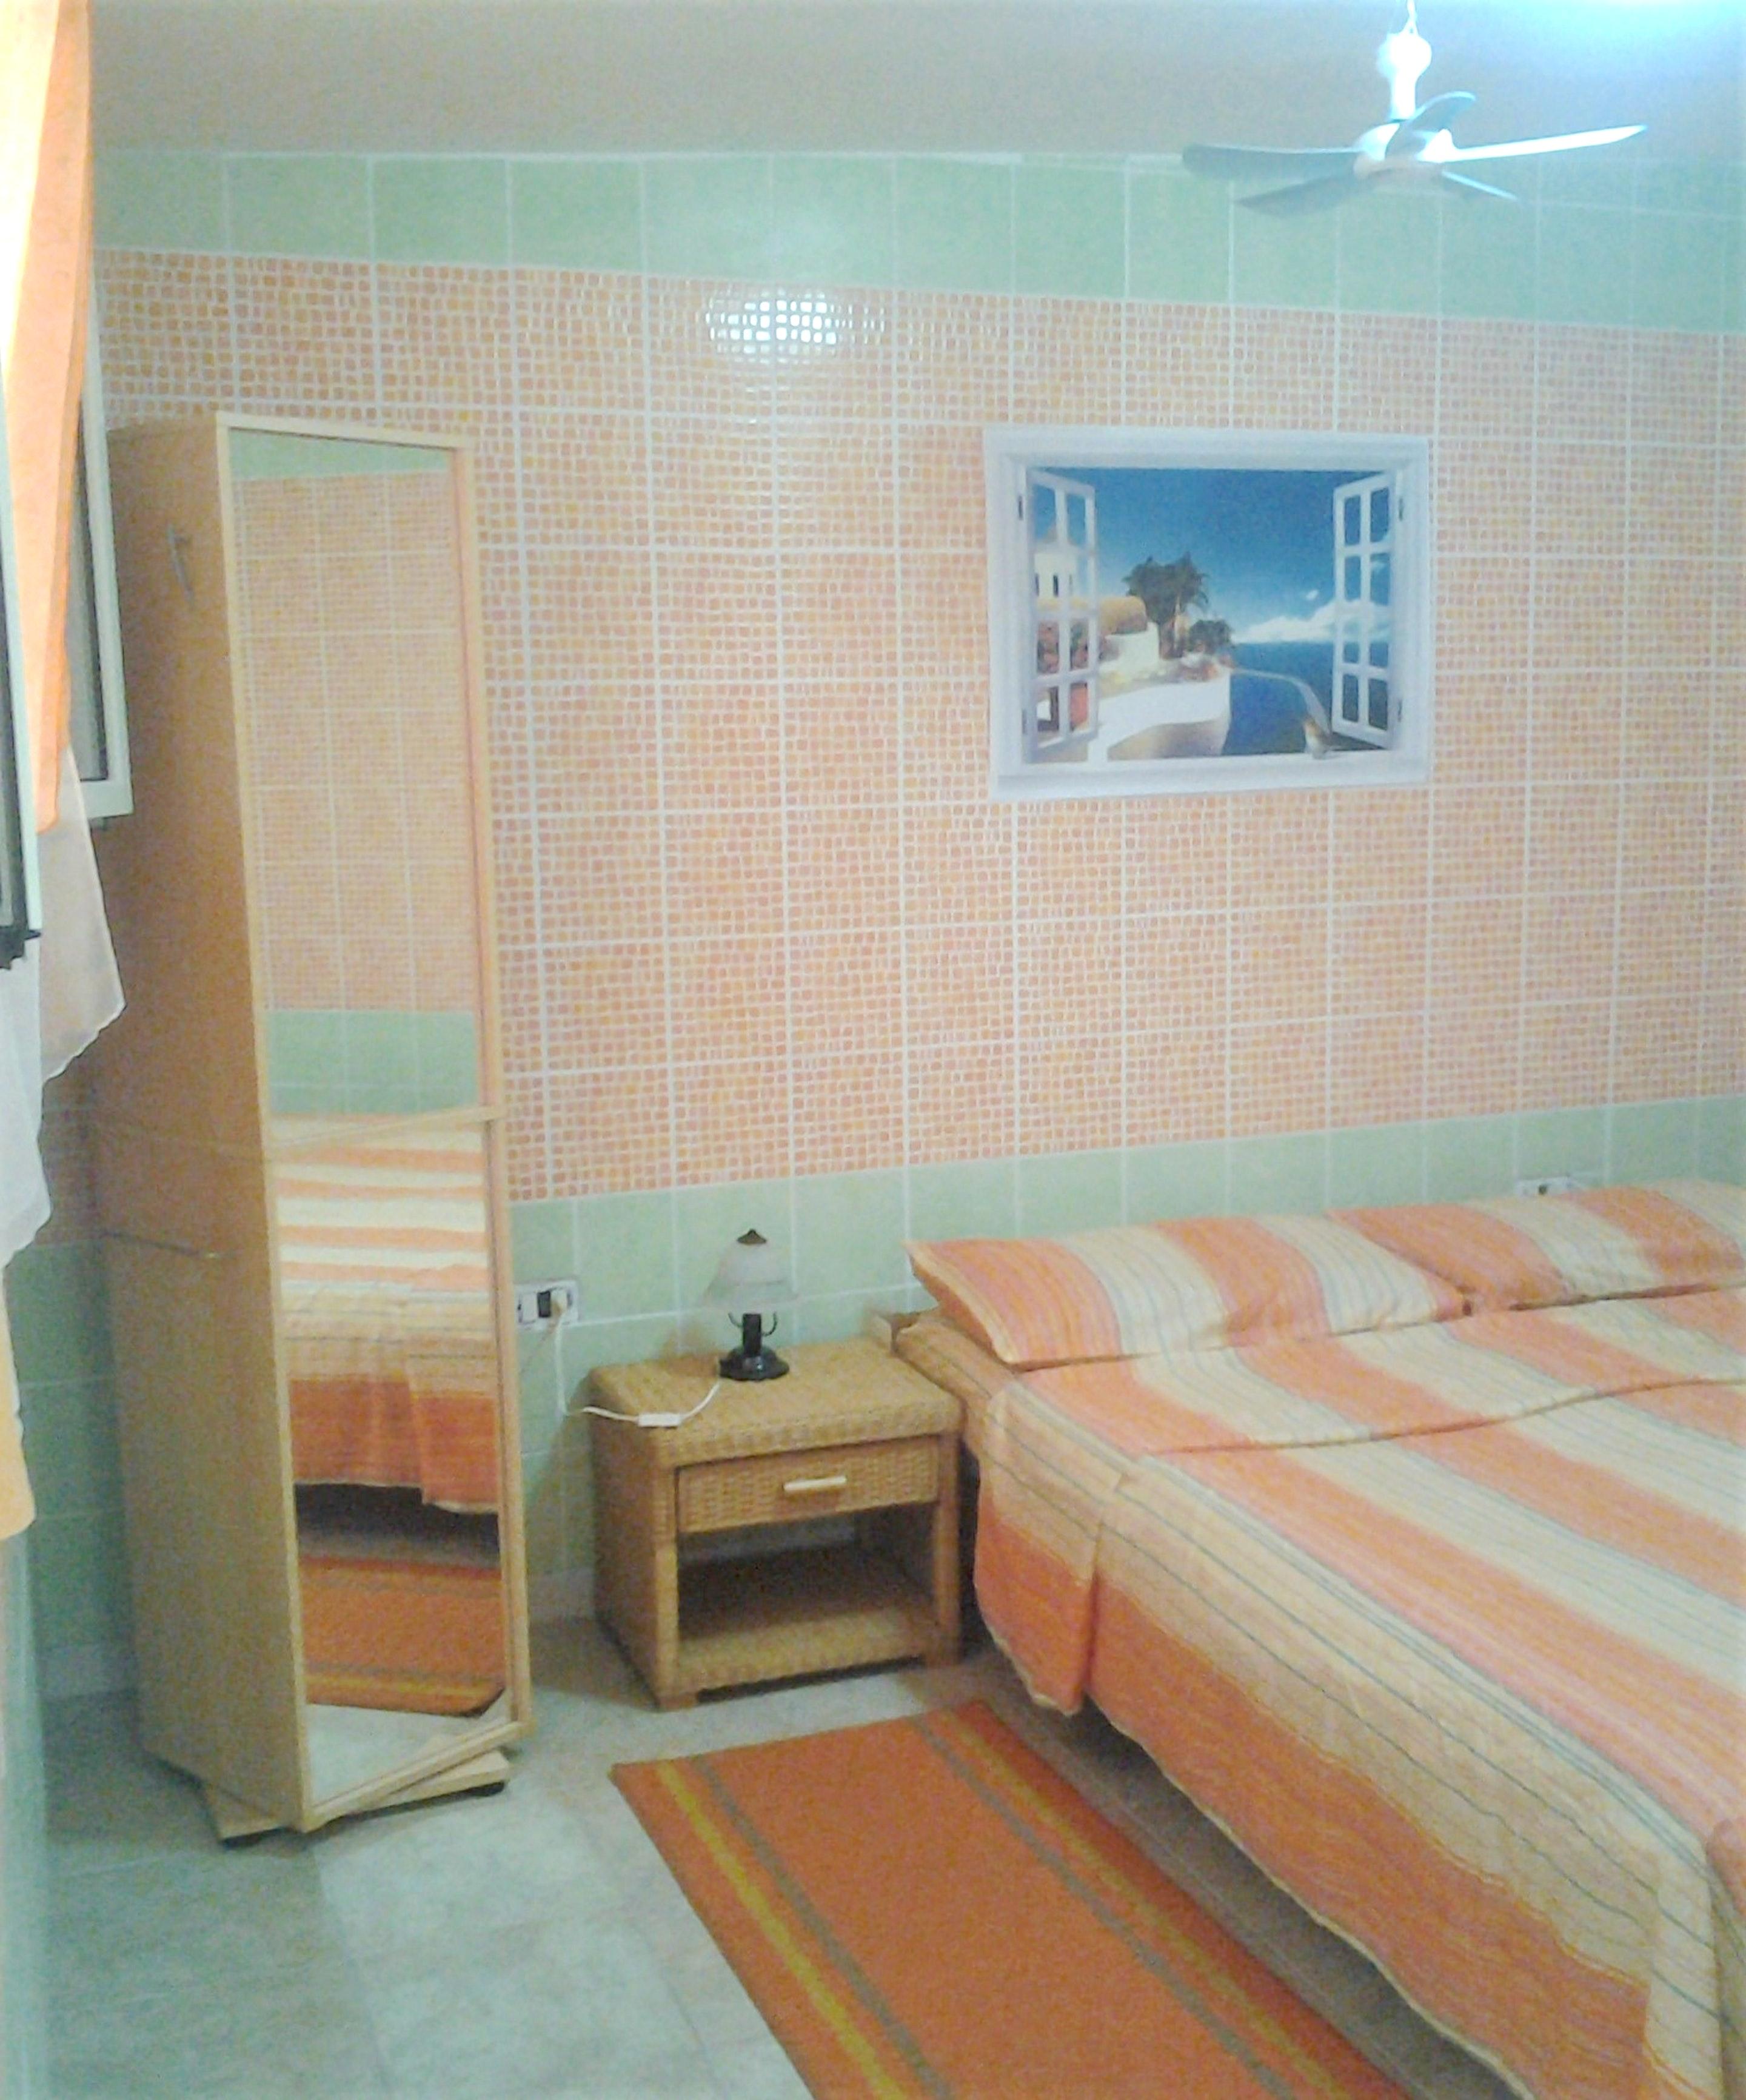 Ferienhaus Haus mit 2 Schlafzimmern in Porto Cesareo (Lecce) mit Pool, möbliertem Garten und W-LAN (2201032), Porto Cesareo, Lecce, Apulien, Italien, Bild 10